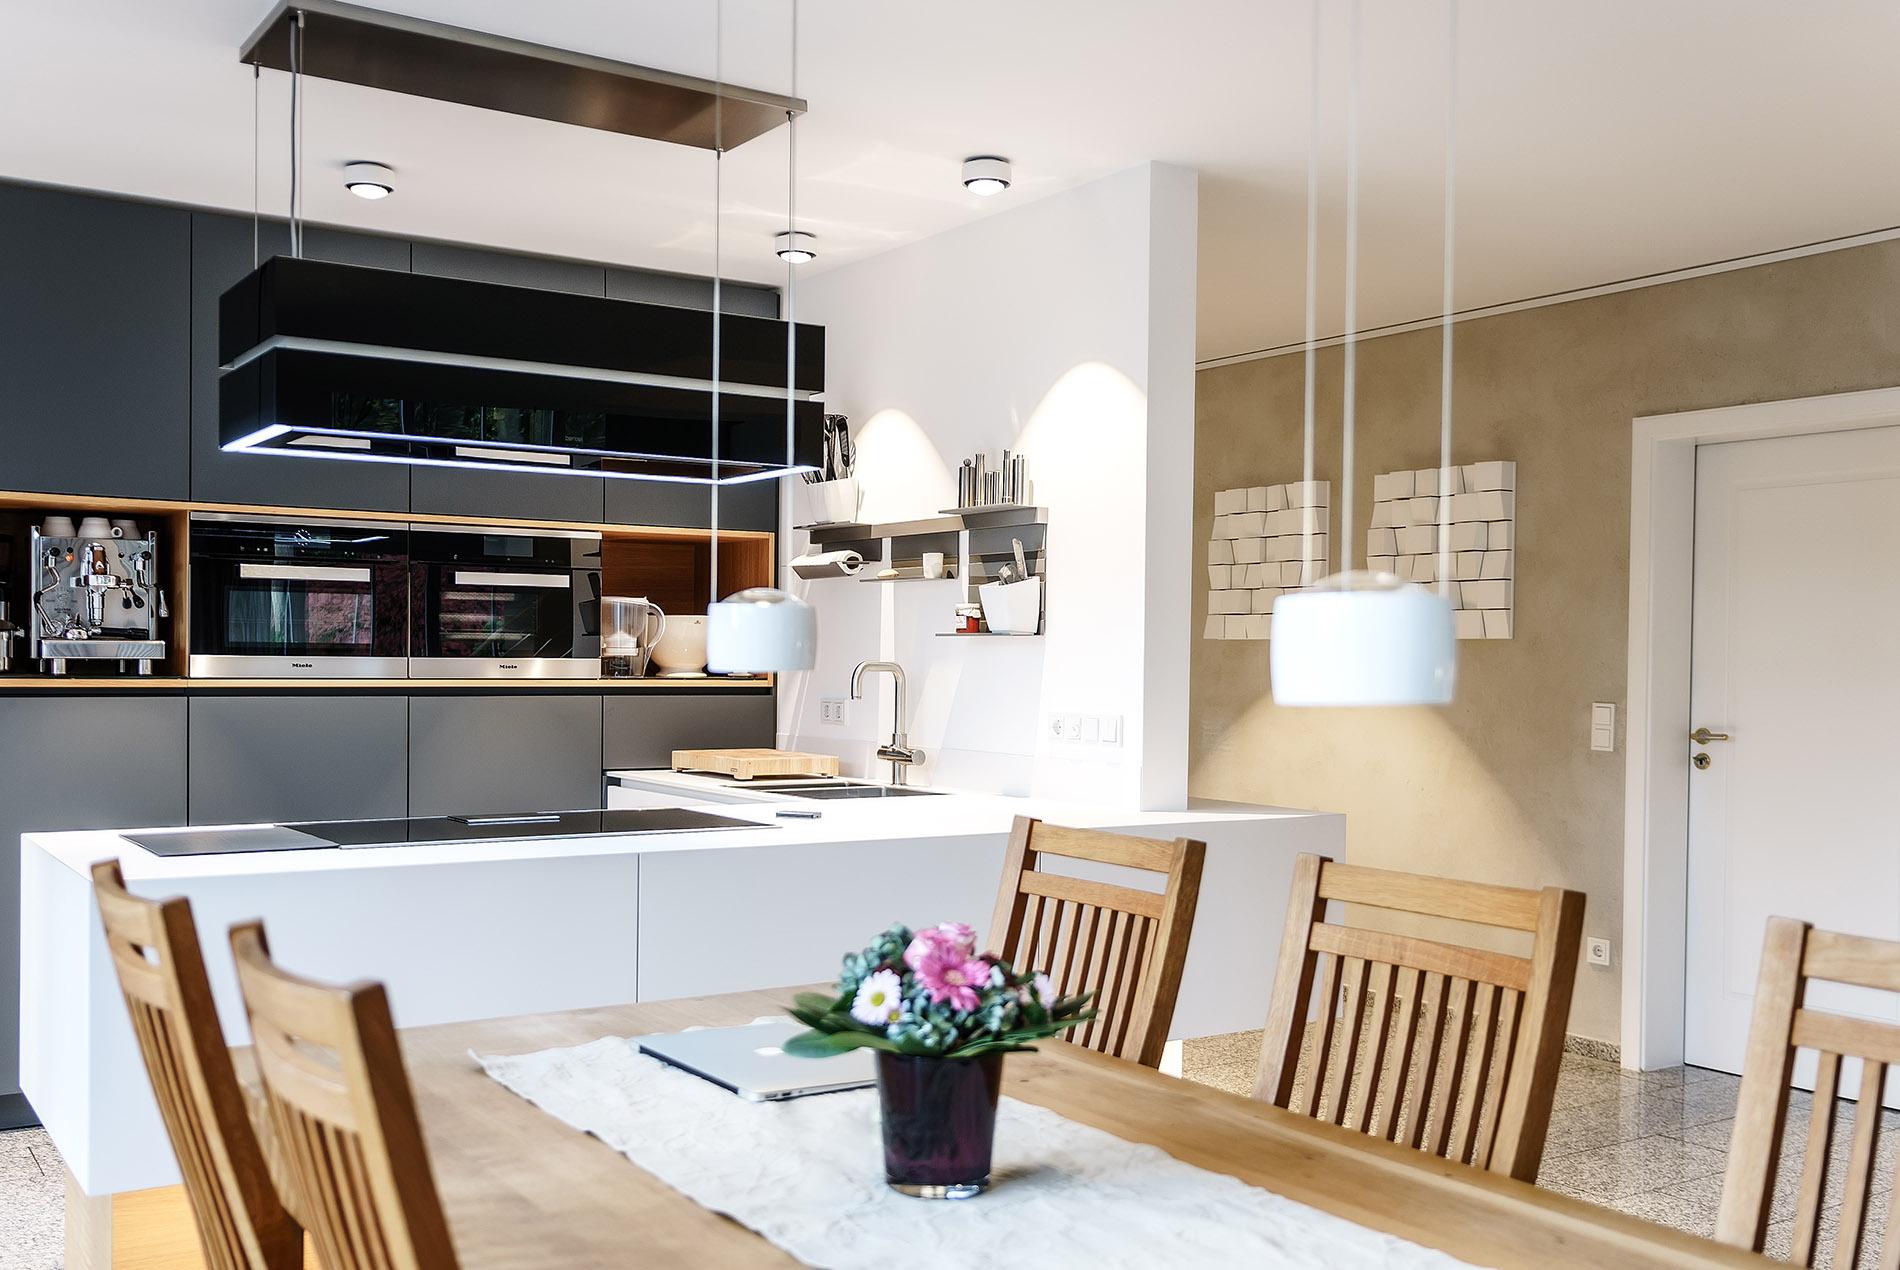 Renovierung: Offene Küche mit grauen Fronten | Raumfabrik Münster